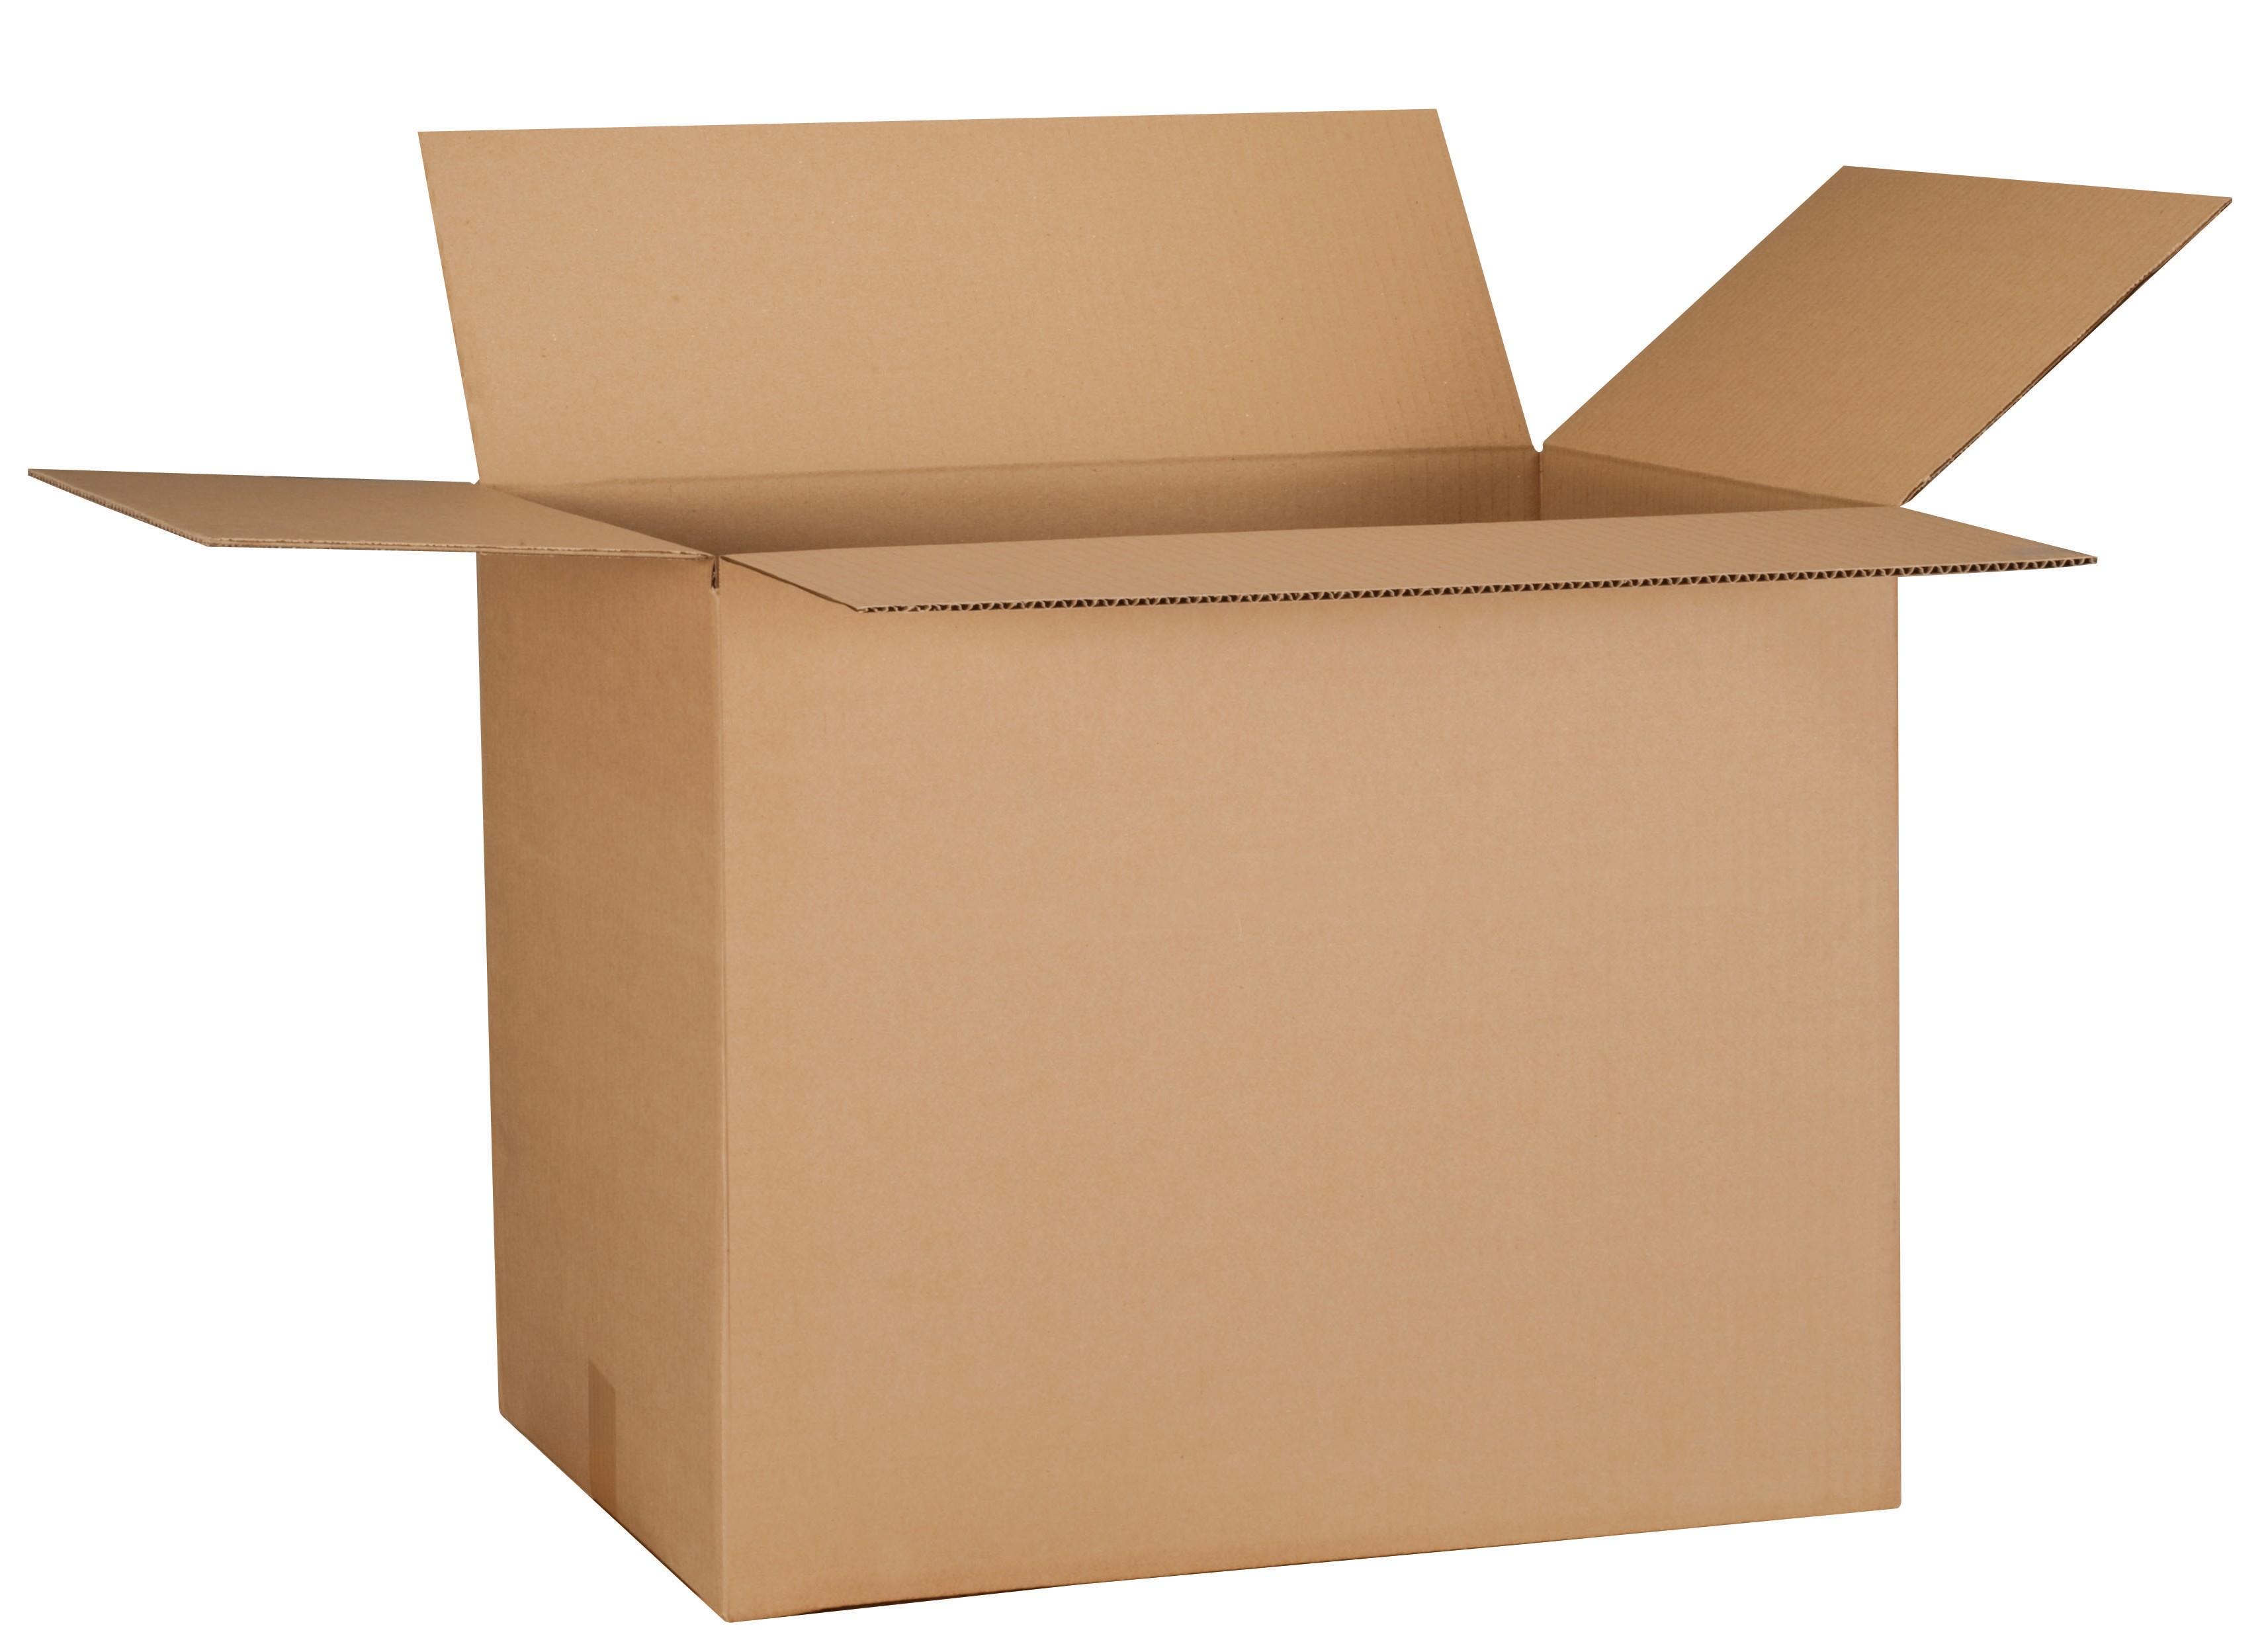 Carton Plus - Carton déménagement - 27 cm x 19 cm x 12 cm - simple cannelure